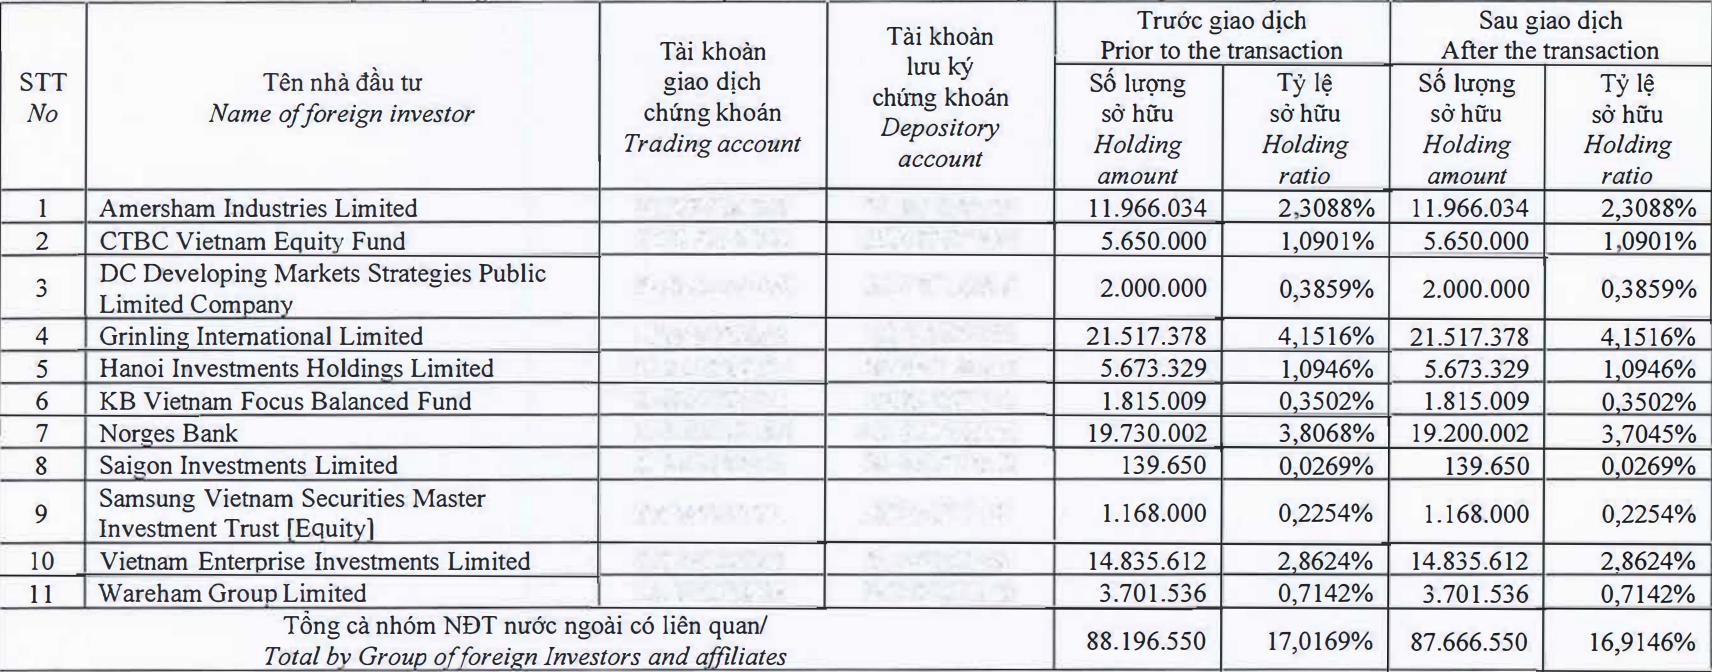 Dragon Capital giảm tỷ lệ sở hữu tại Đất Xanh xuống dưới 17% - Ảnh 1.